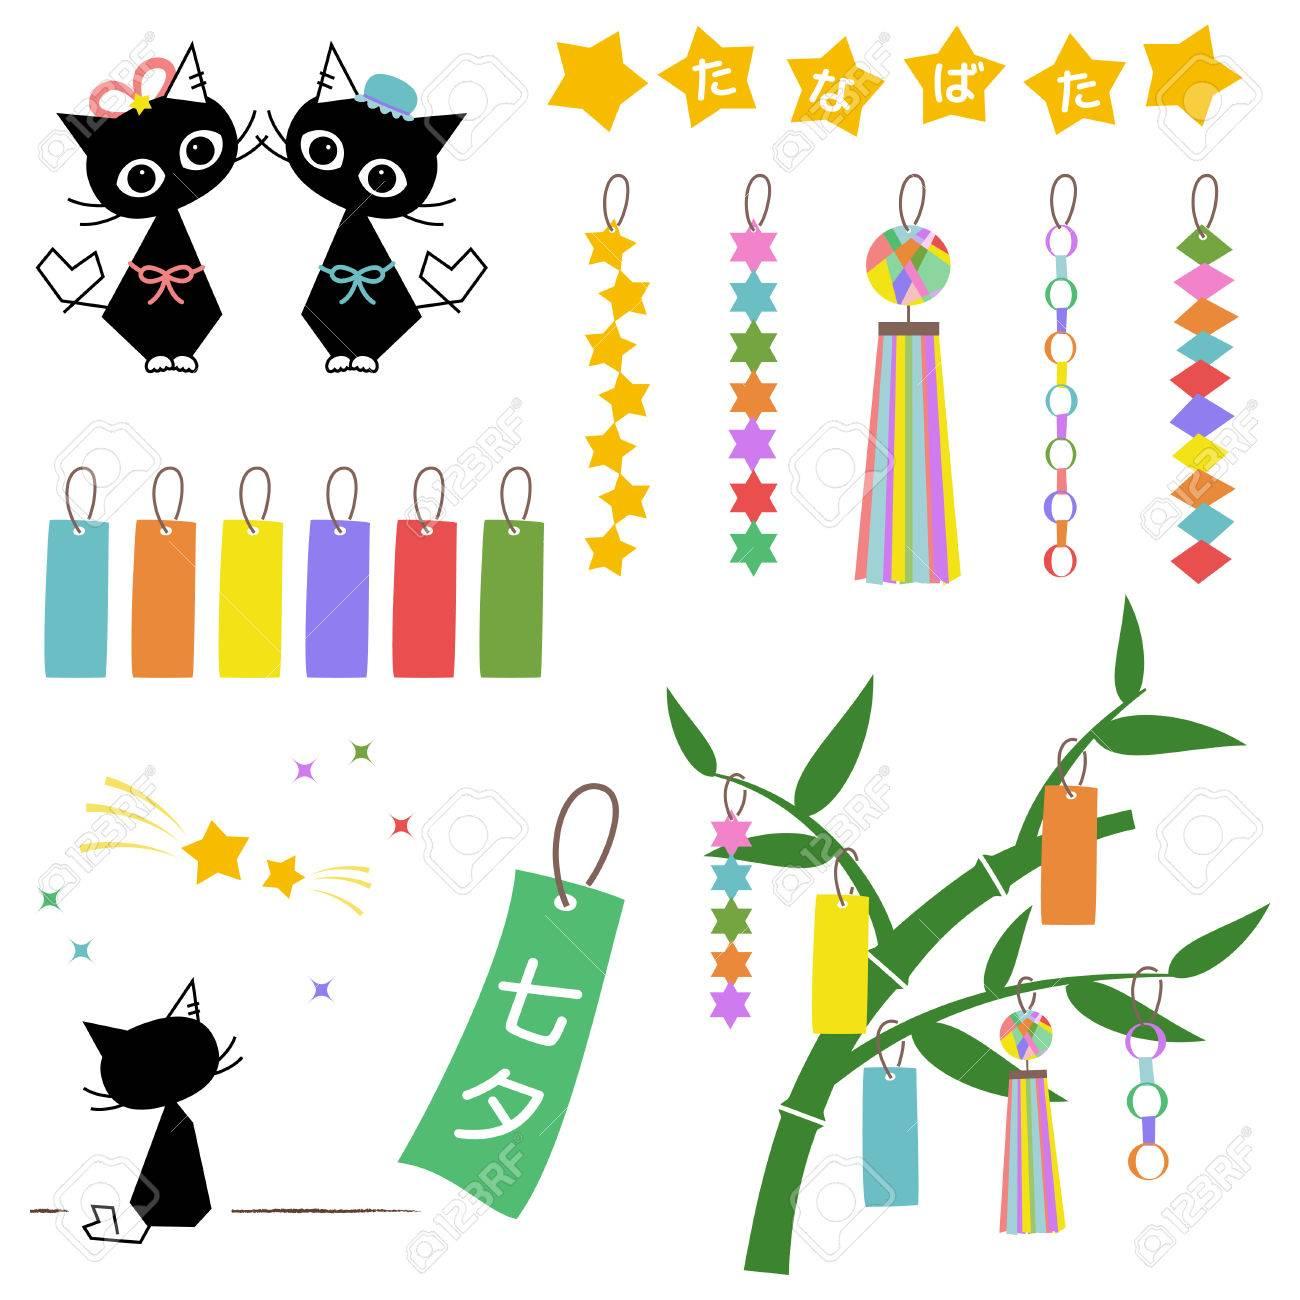 七夕猫イラスト セットのイラスト素材ベクタ Image 72876325